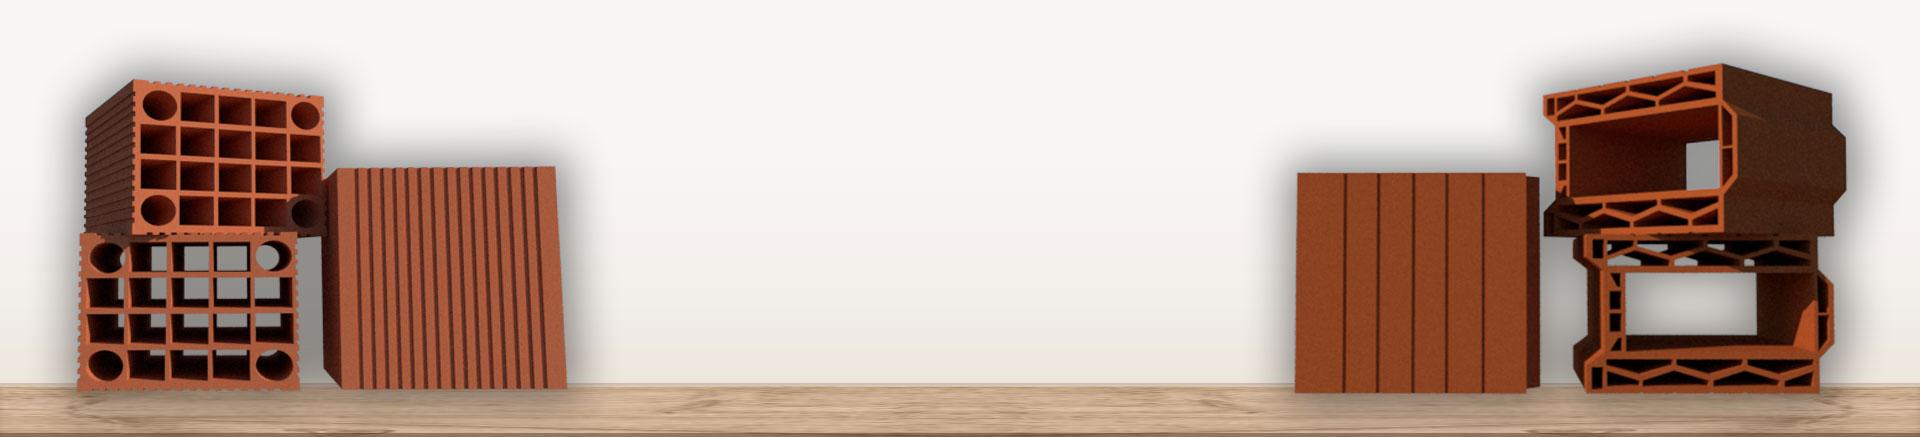 carpenter2-home-shelf[3]